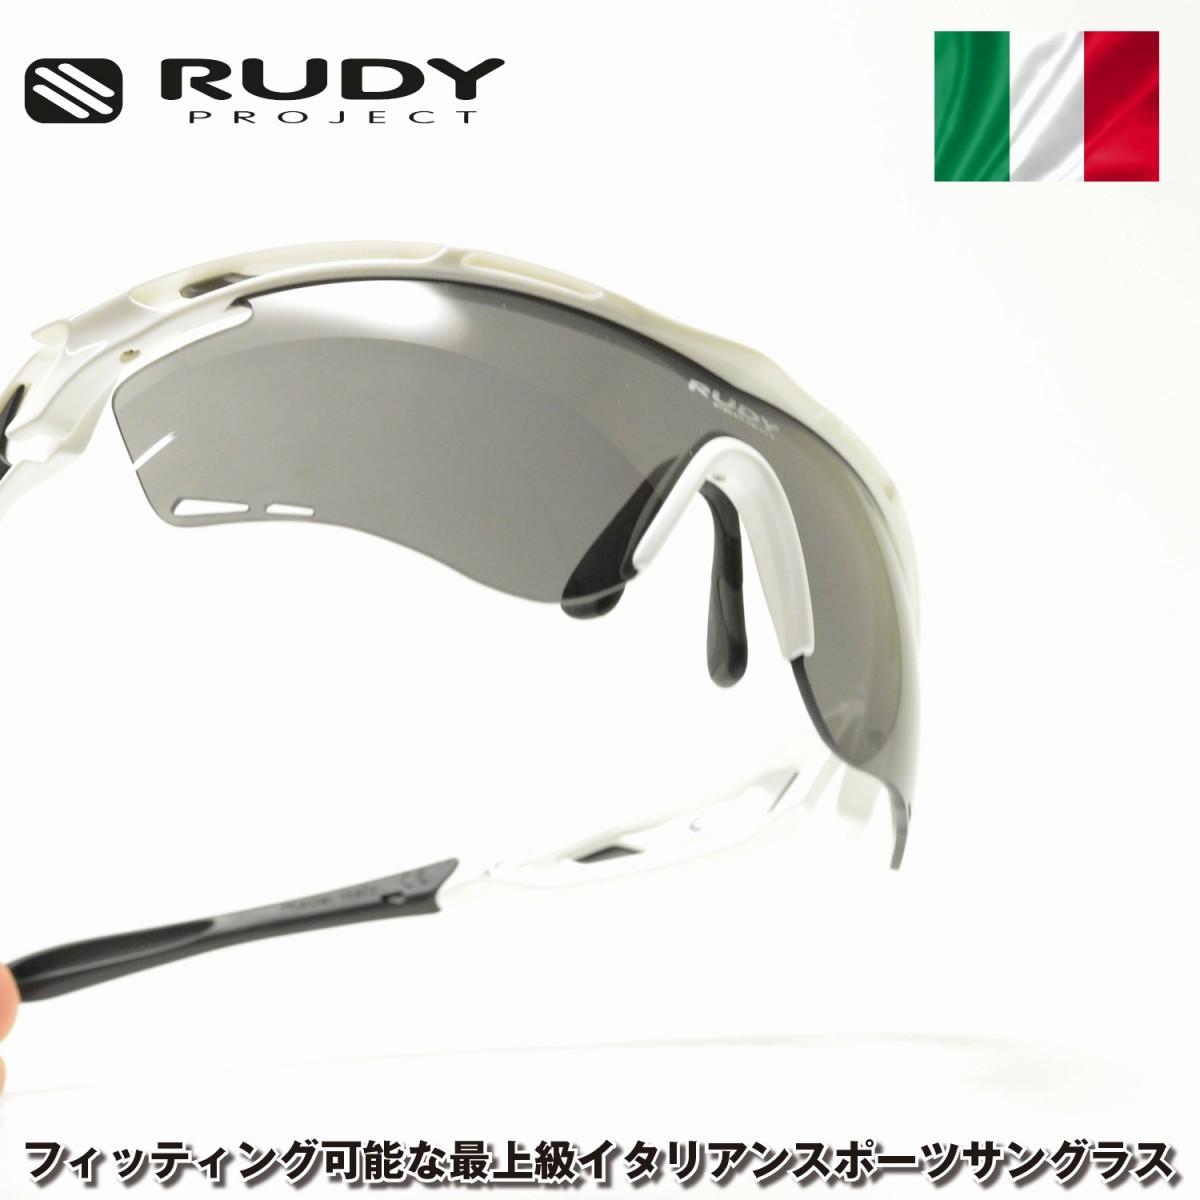 RUDY PROJECT ルディプロジェエクト TRALYX トラリクス ホワイトグロス/スモークサングラス メンズ レディース スポーツ ブランド スポーツサングラス 人気 度付き レンズ 自転車 ロードバイク 偏光 調光